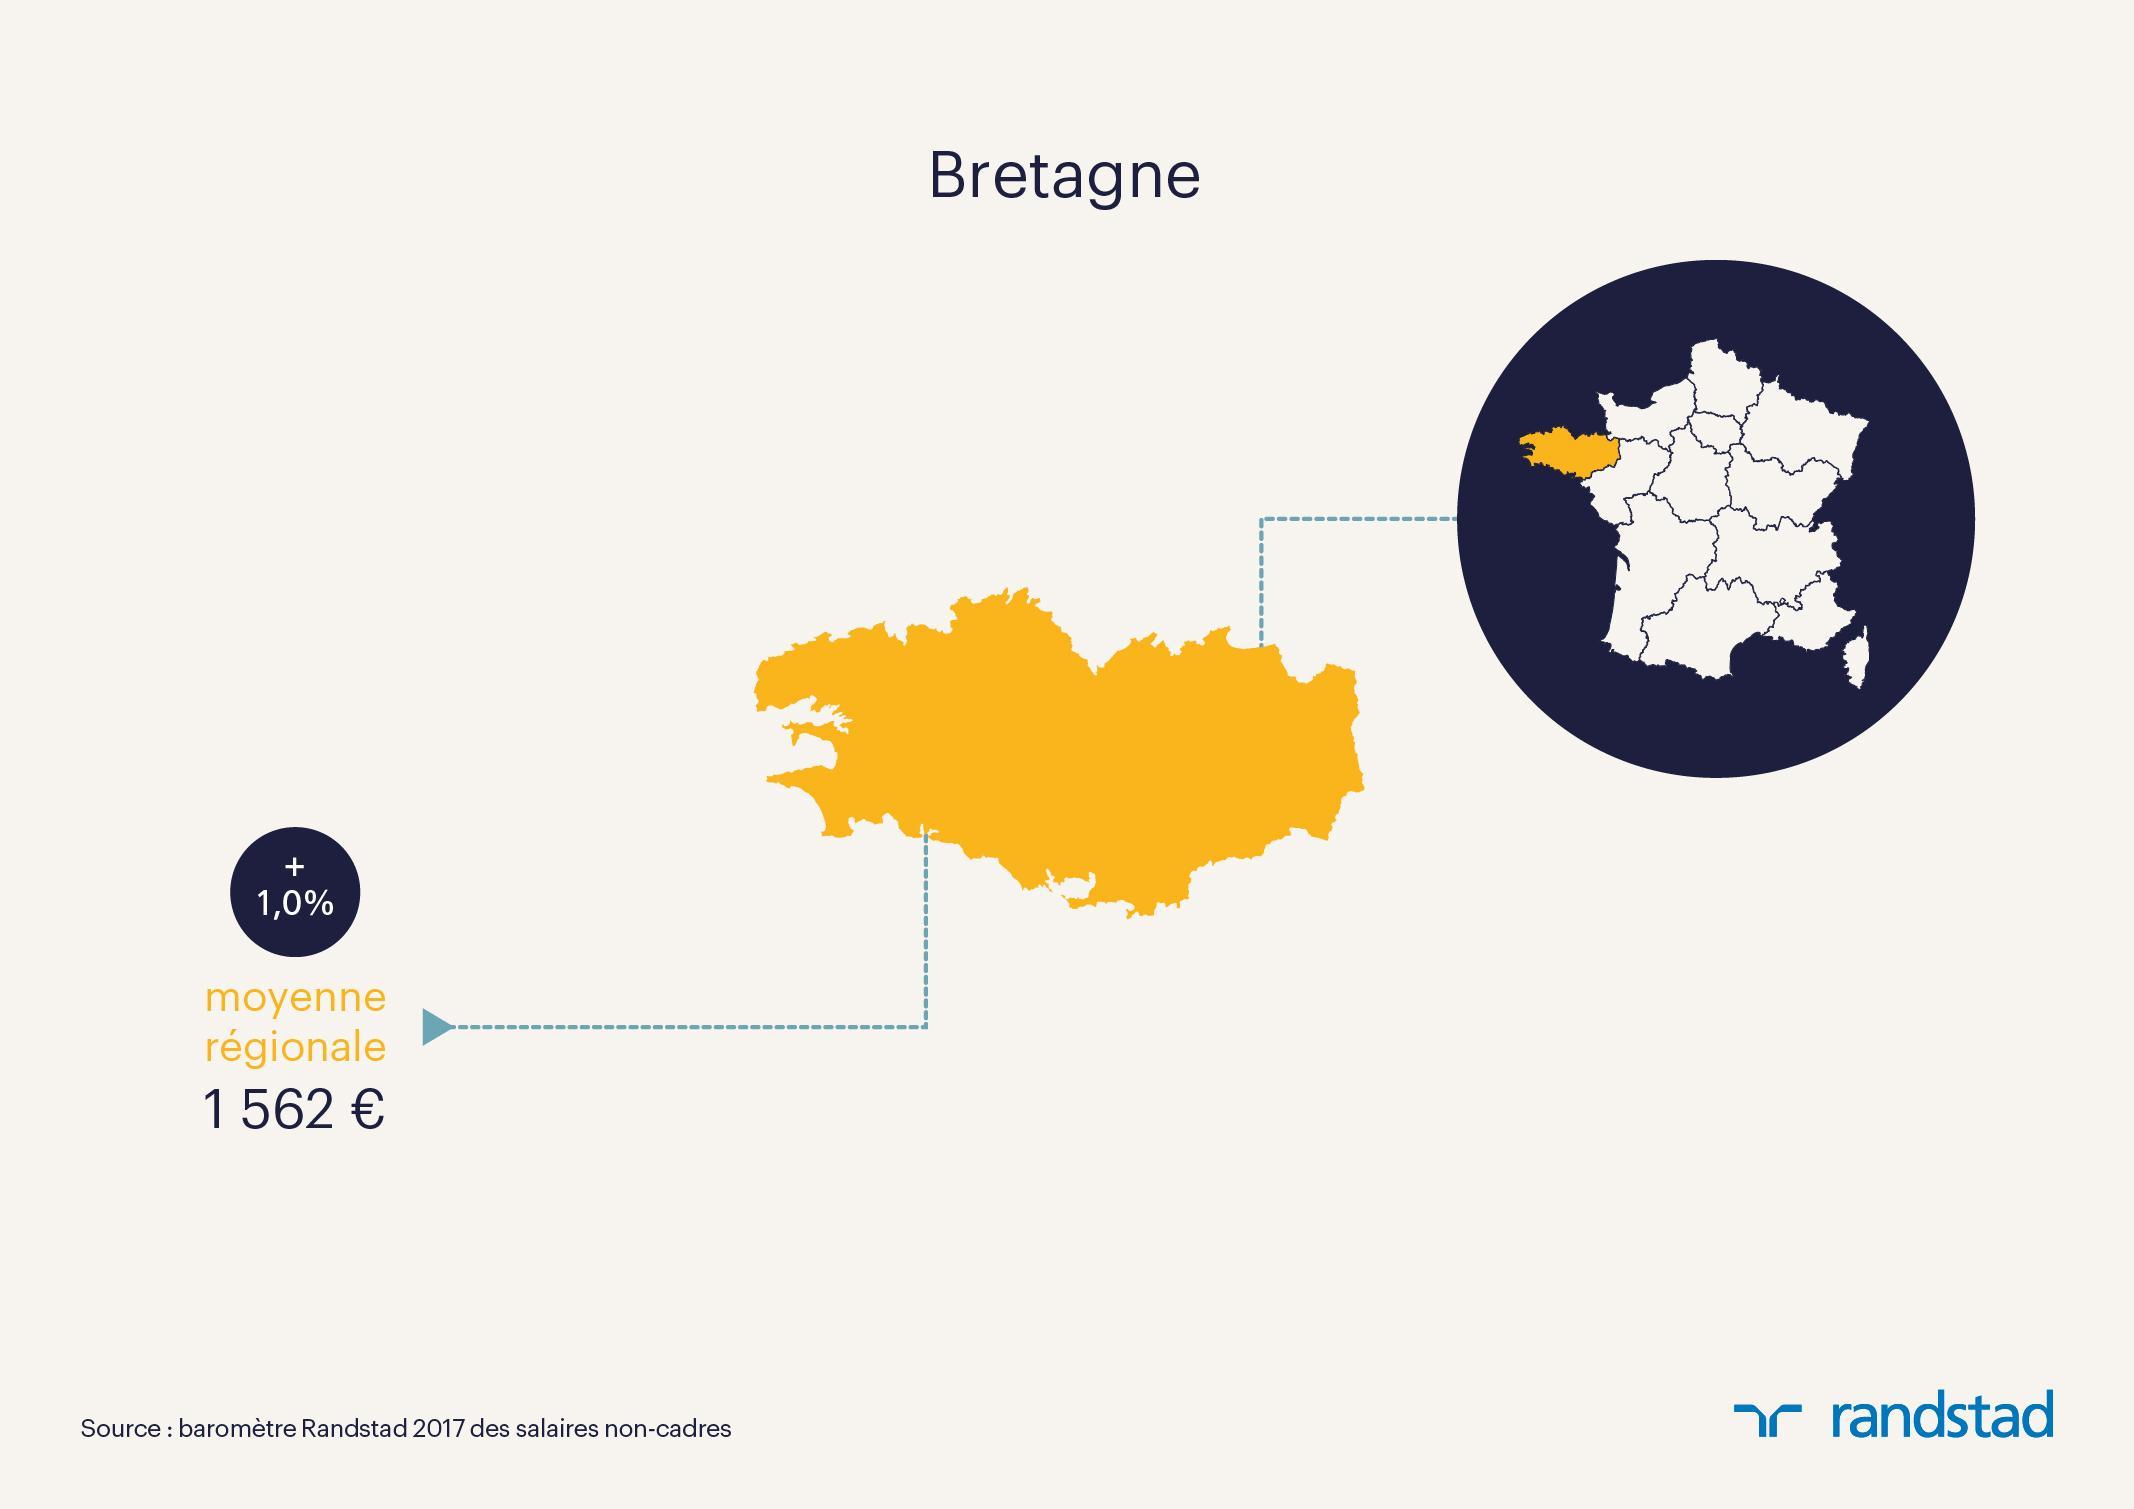 En 2017 Un Salarie Non Cadre De Bretagne Gagne 1 562 Euros En